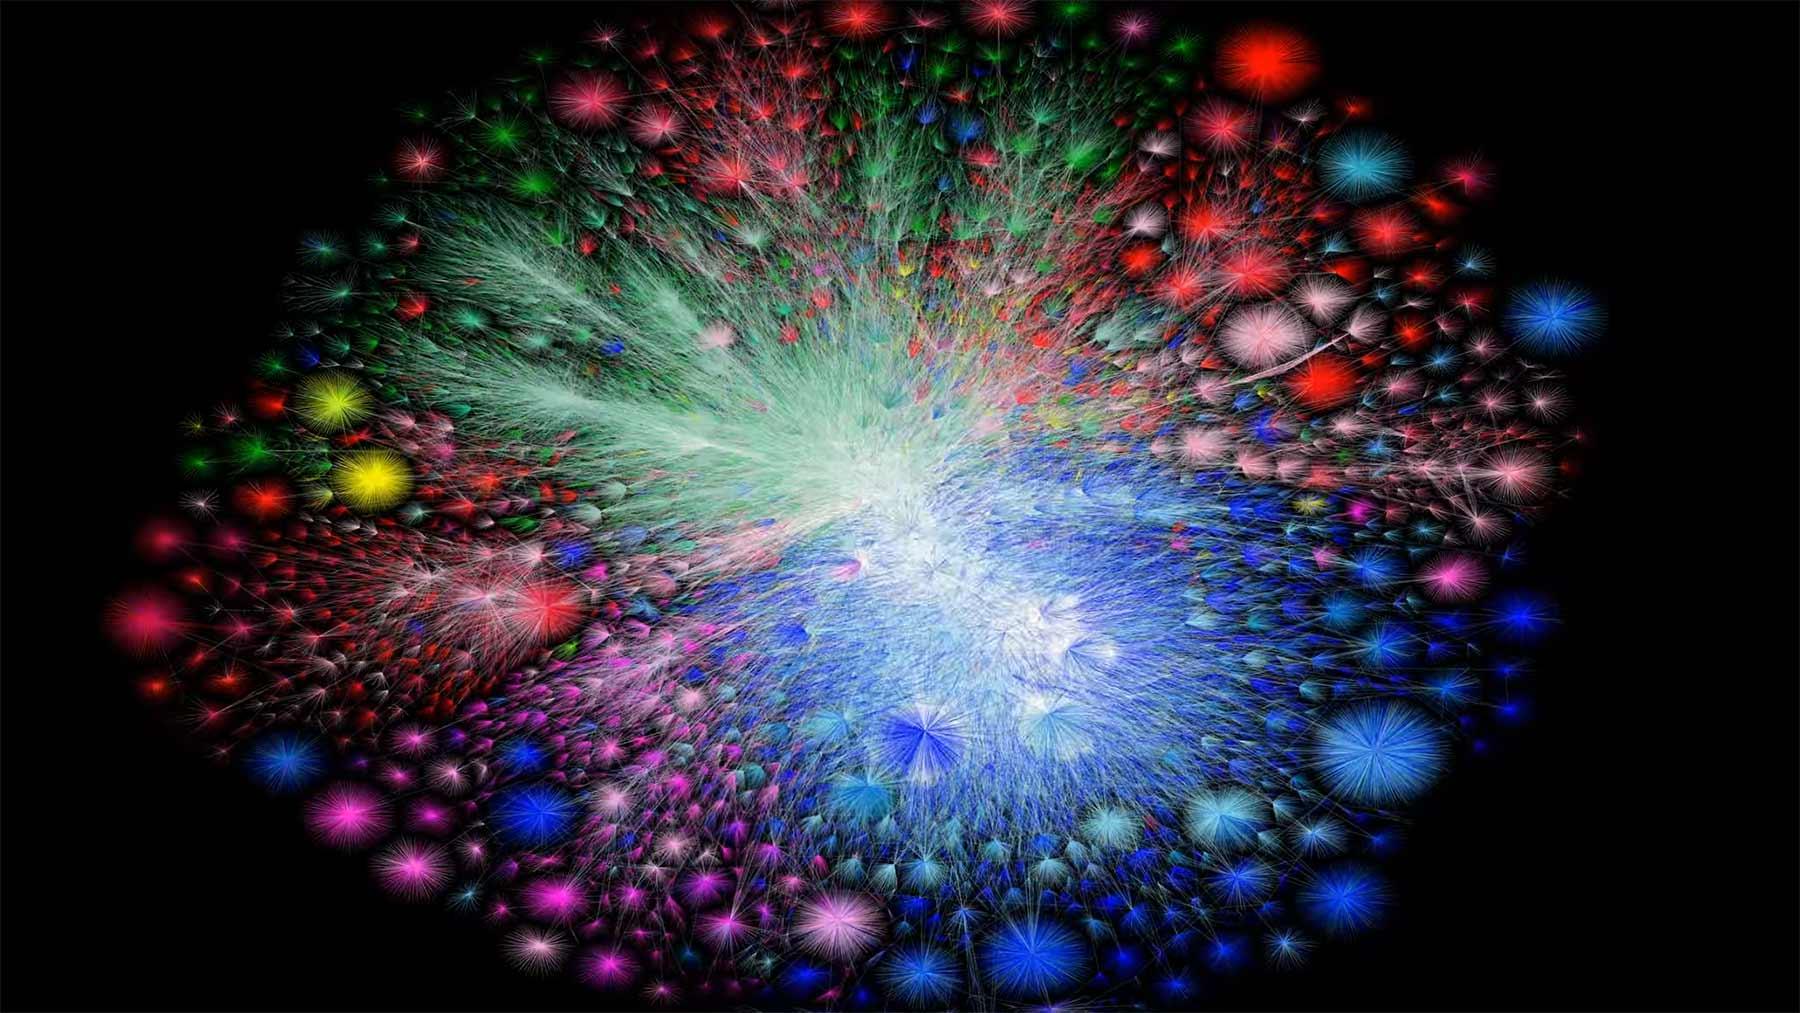 Visualisierung der Internet-Entwicklung 1997-2021 Internet-entwicklung-visualisierung